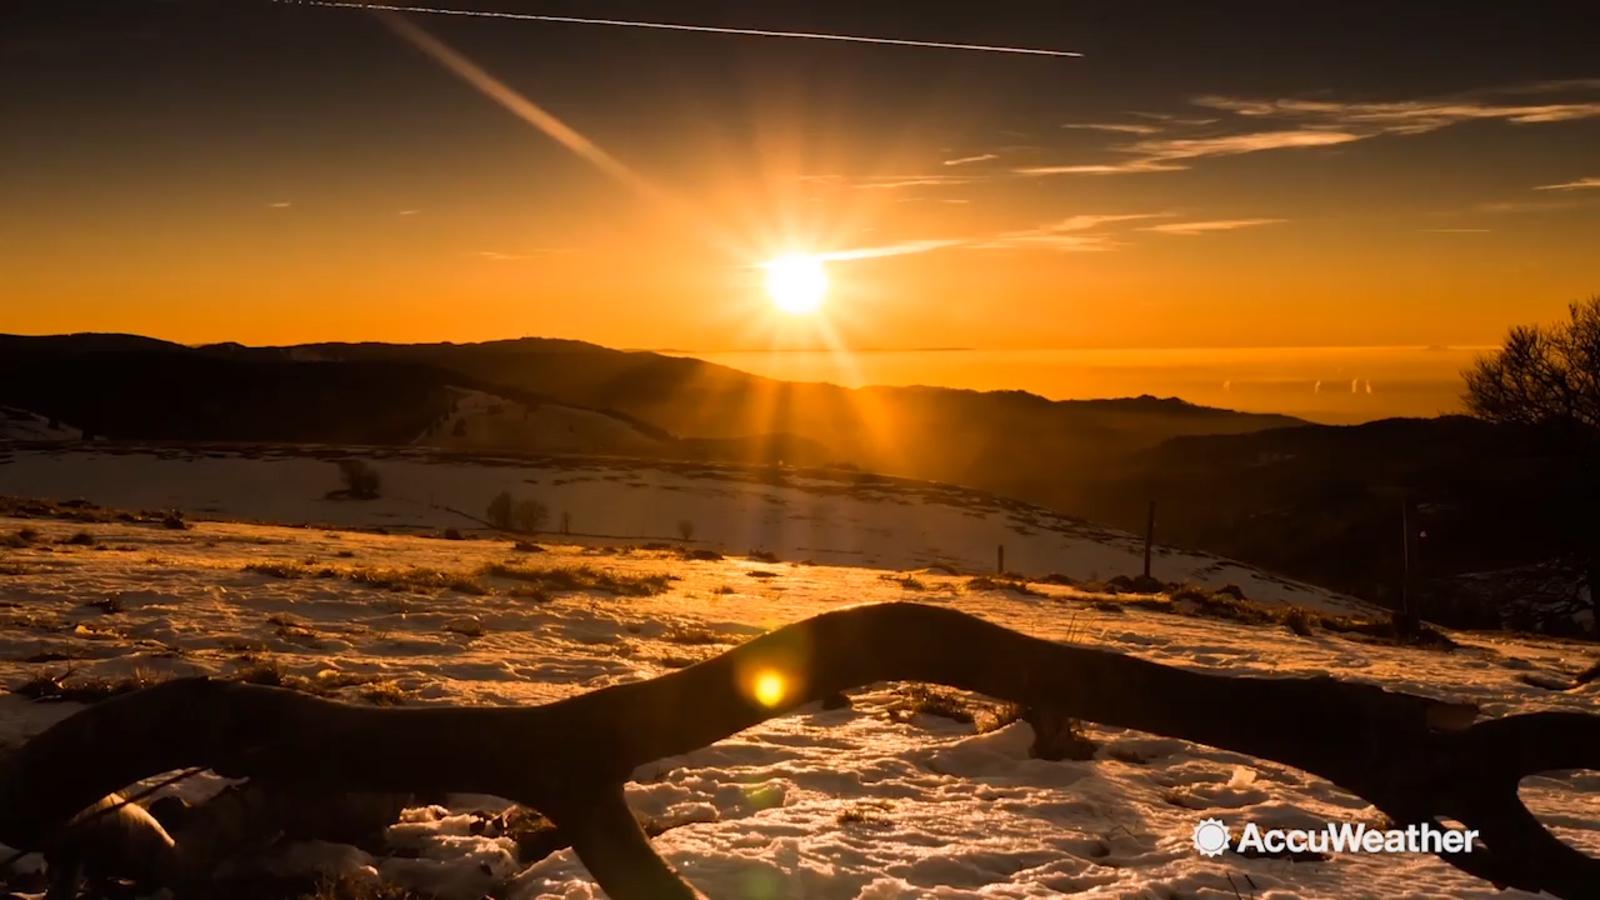 Solstizio d'inverno 2020: cosa sapere sul giorno più corto dell'anno